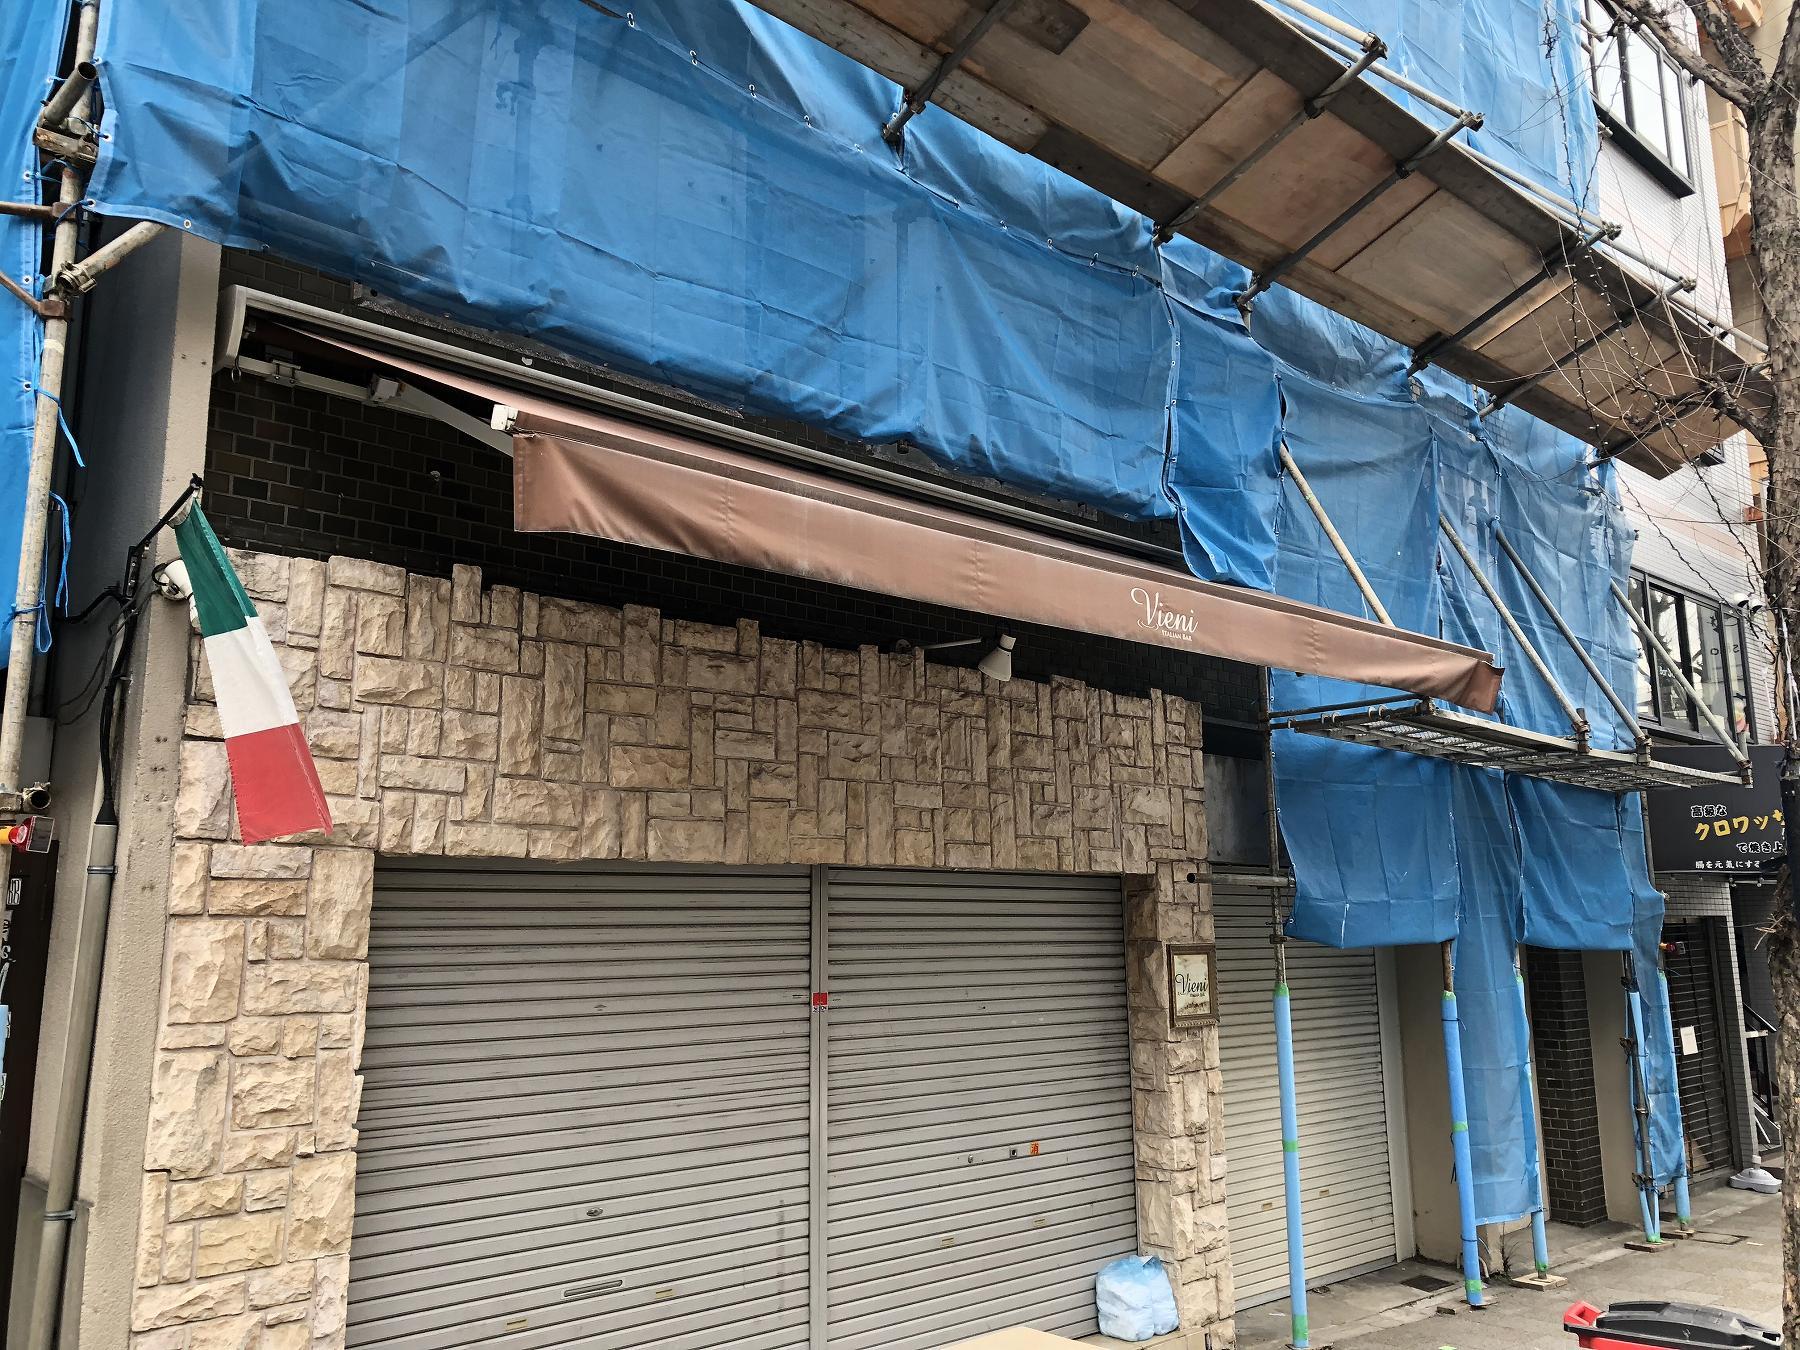 【※追加更新!】2018年夏、スヌーピーをテーマにした「PEANUTS HOTEL(ピーナッツ ホテル)」が神戸にオープン!公式WEBサイトがリリースされたよ! #ピーナッツホテル #スヌーピー #神戸北野坂